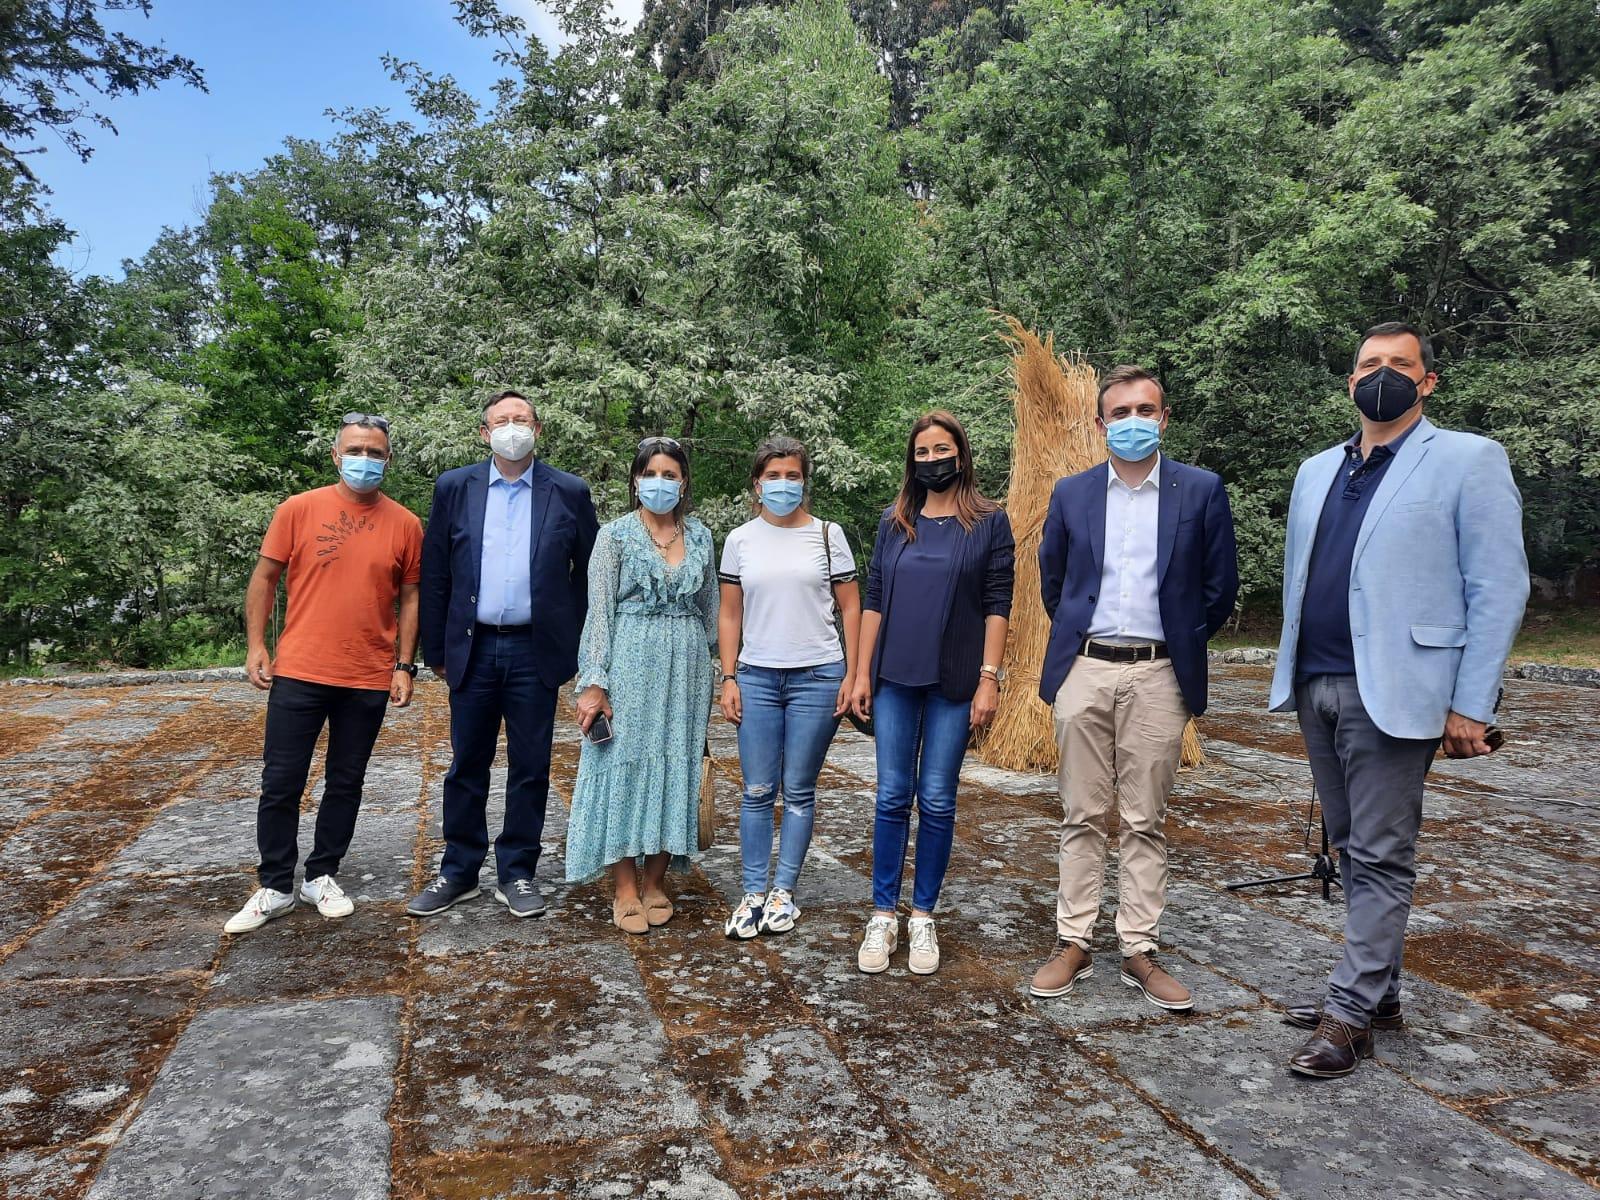 A Xunta inaugura en Lobios o Ecomuseo do Pan do Xurés, que se beneficiou dunha axuda Leader de 30.000 euros